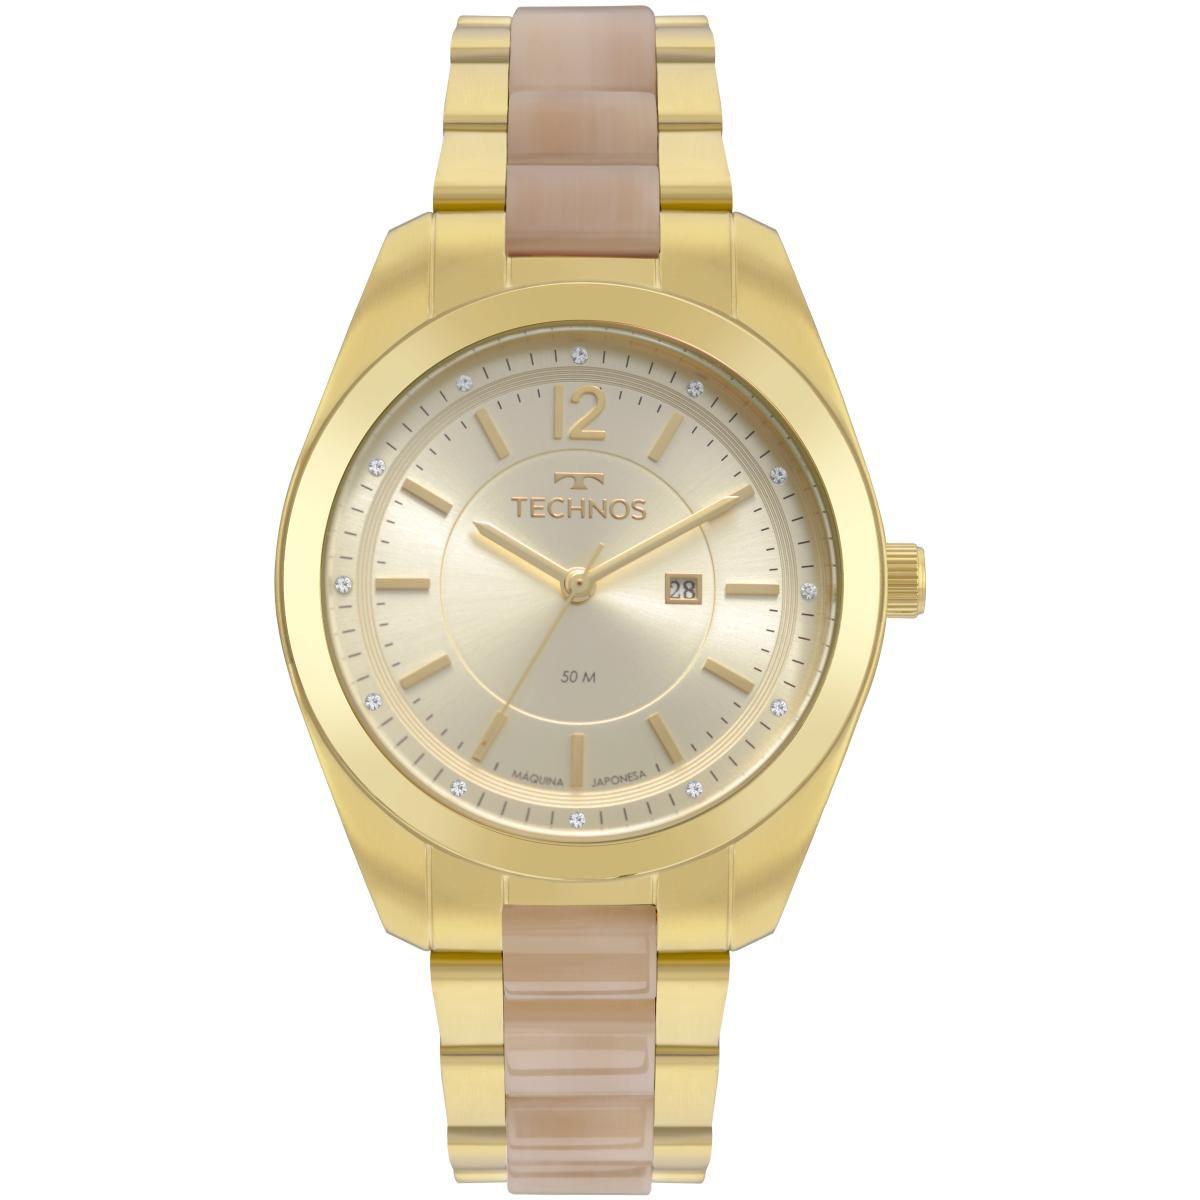 Relógio Feminino Technos Fashion Trend 2015CCX/4X 40mm Aço Dourado